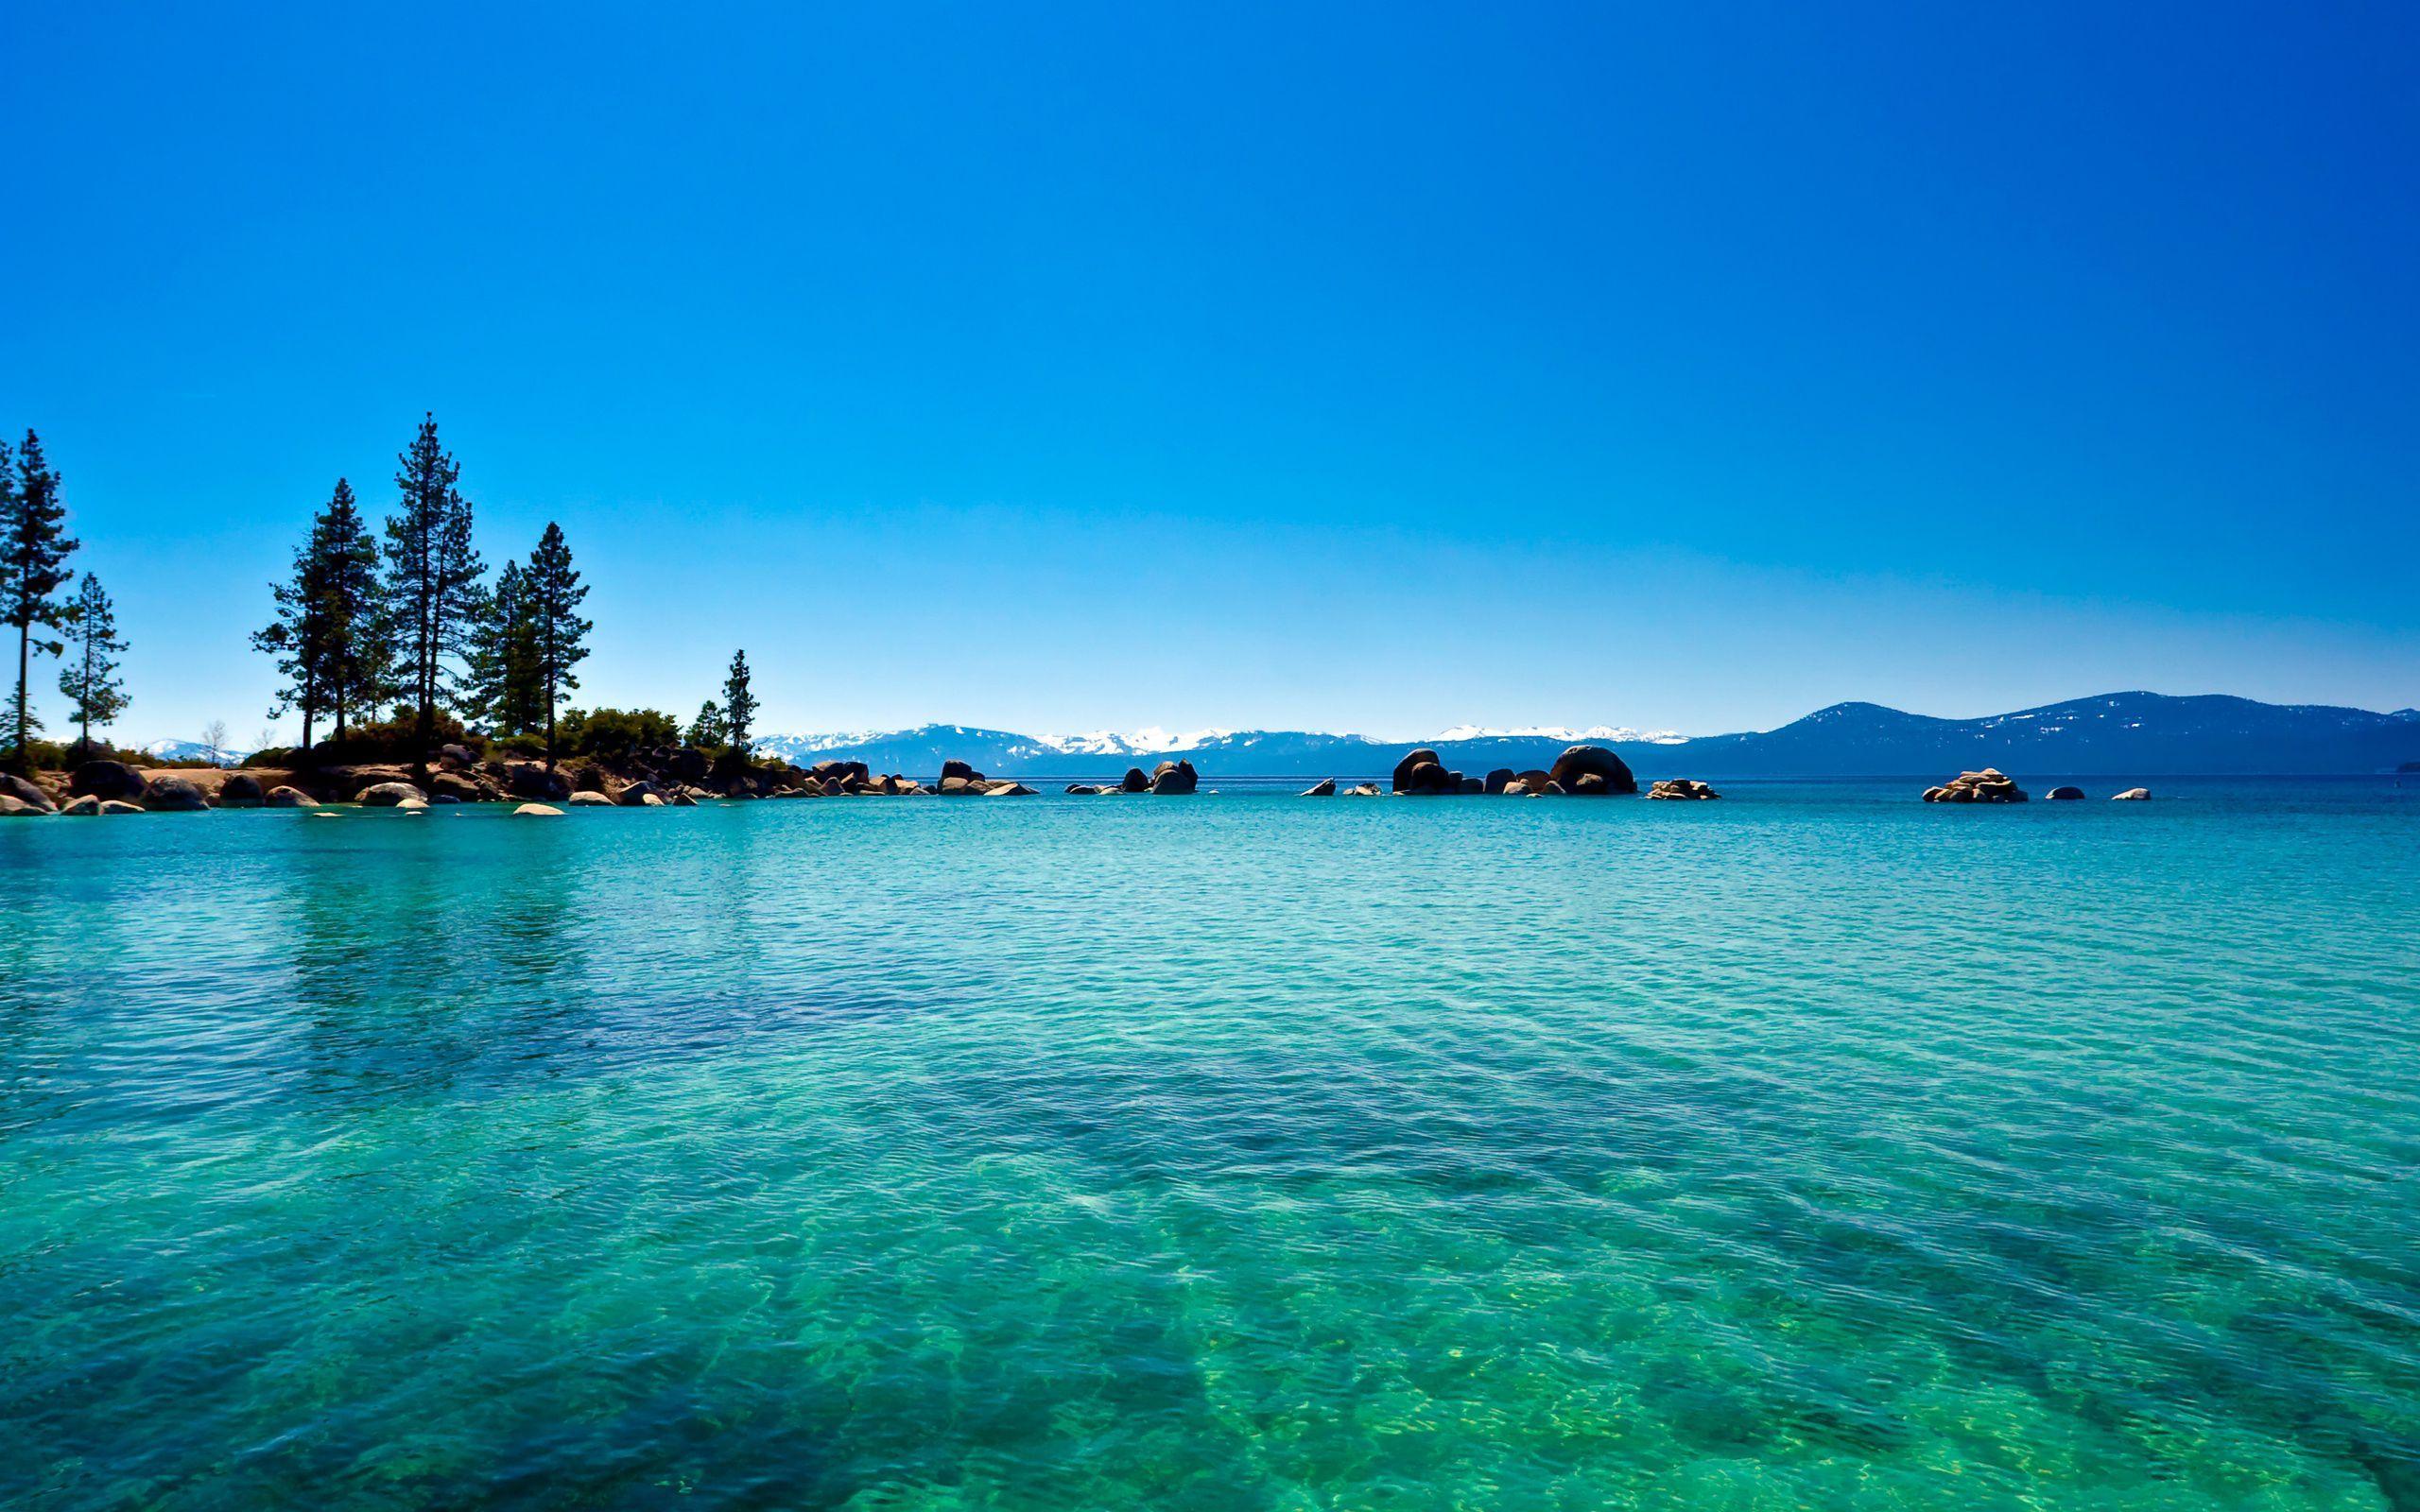 tahoe lake